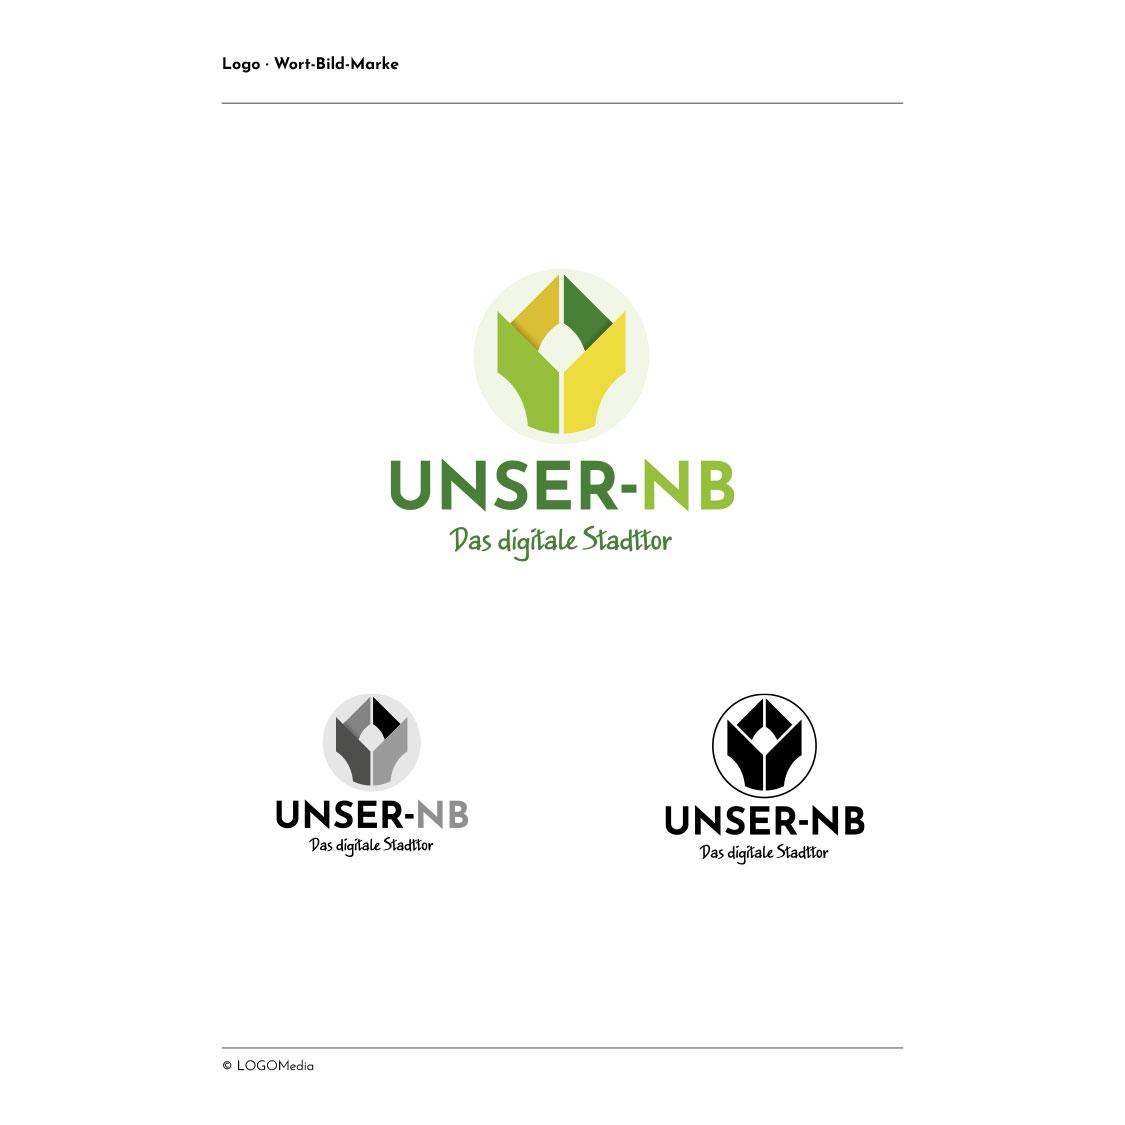 LOGO Daten UNSER NB 3